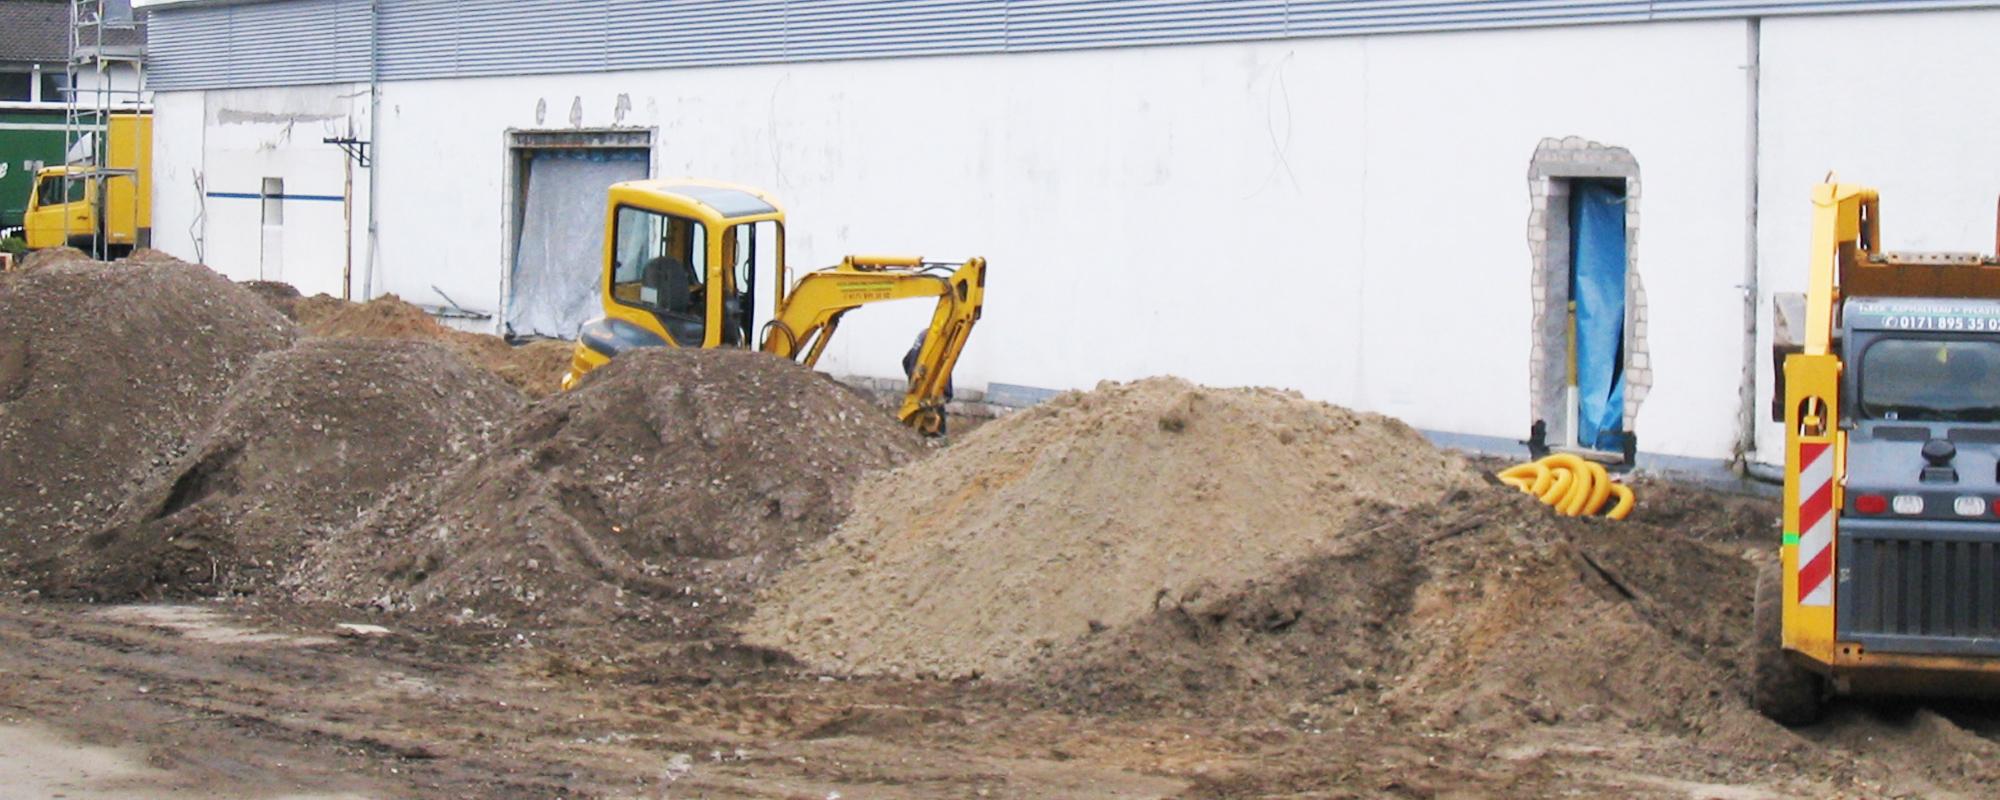 FLECK-Asphaltbau-GmbH-Ausschachtung-3.